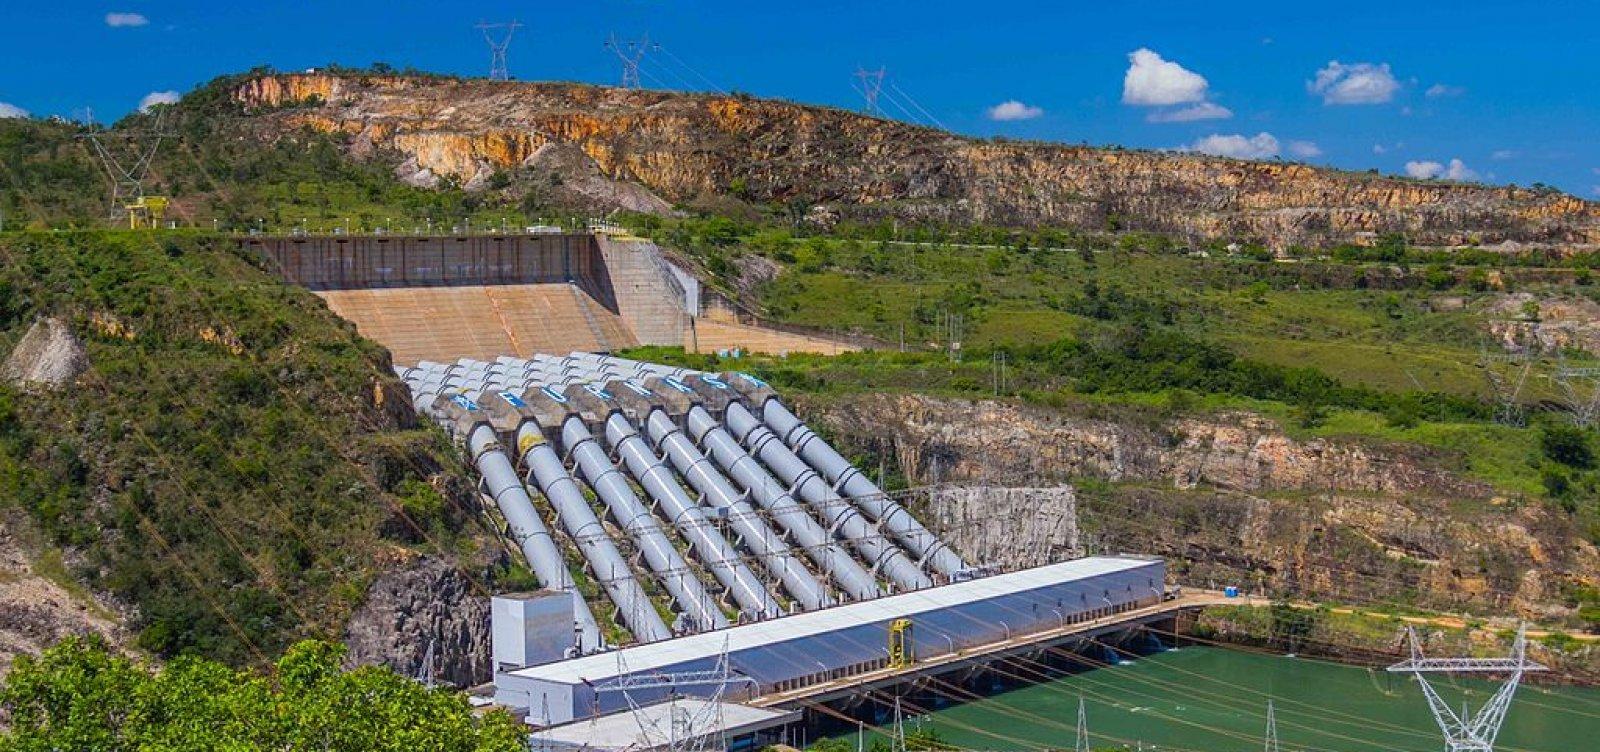 Crise hídrica: Represa de Furnas registra menor volume para setembro em 20 anos